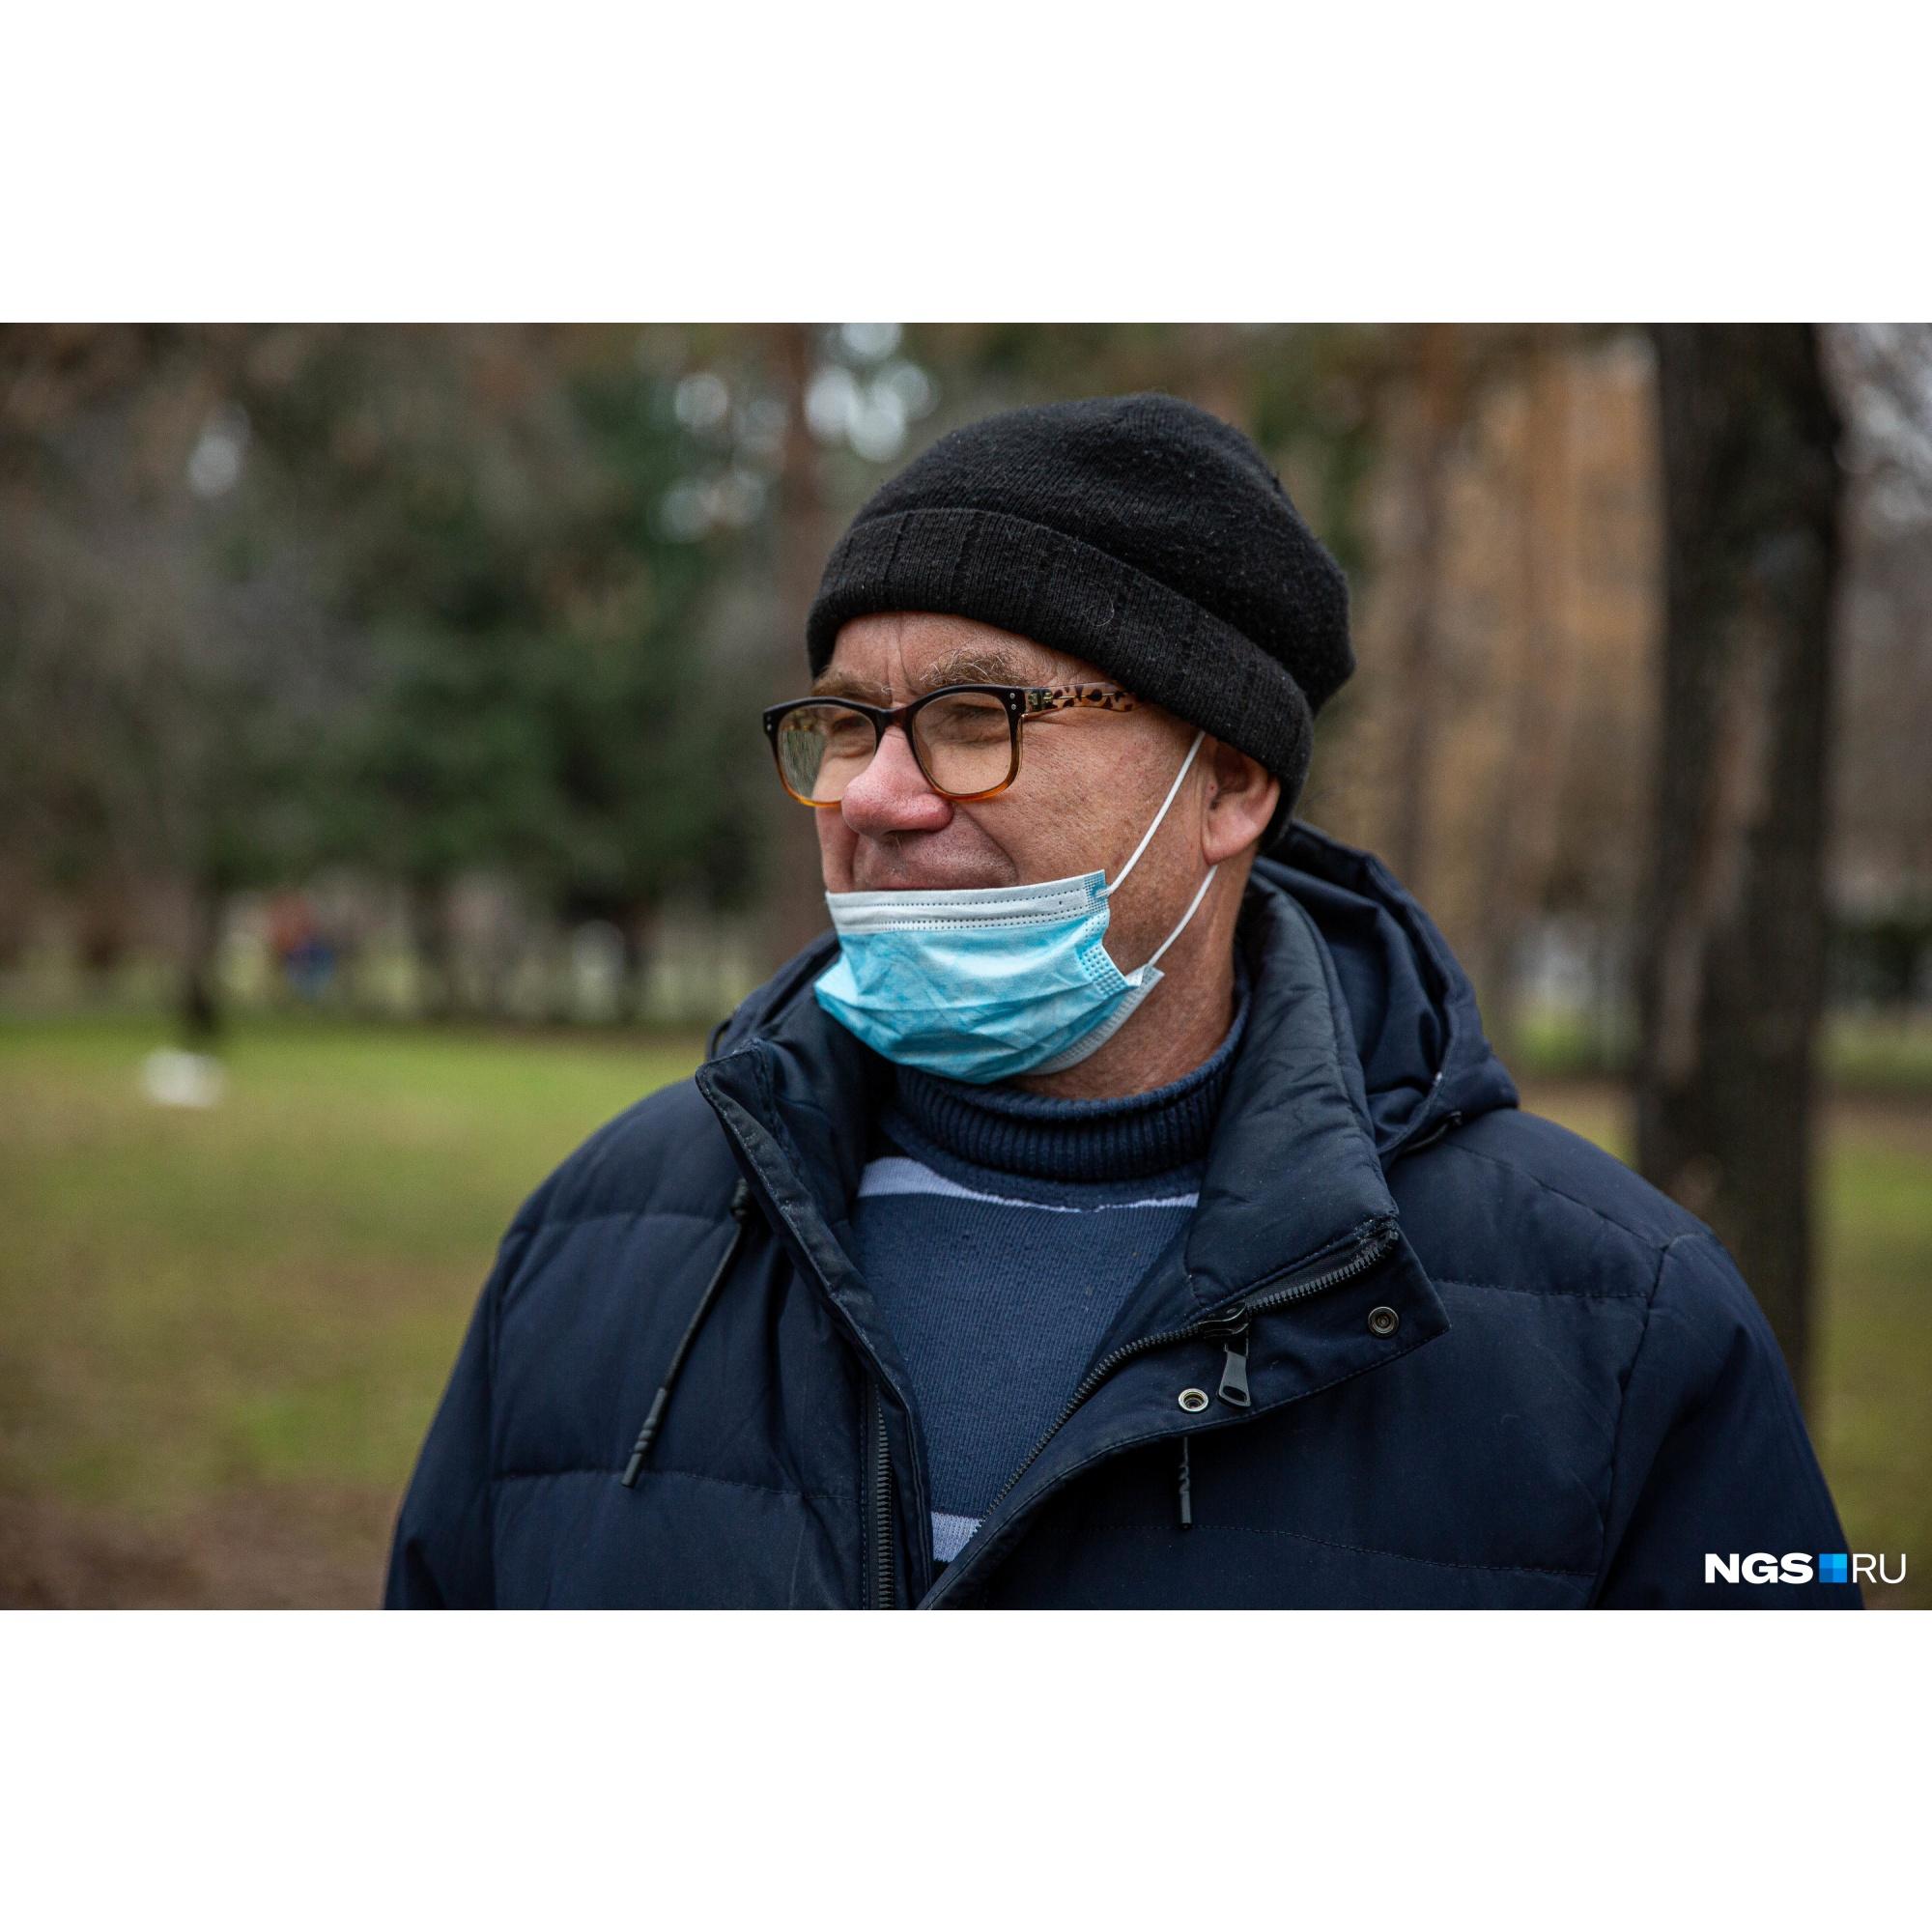 Владимир Григорьевич переболел коронавирусом, поэтому рад, что теперь можно не бояться